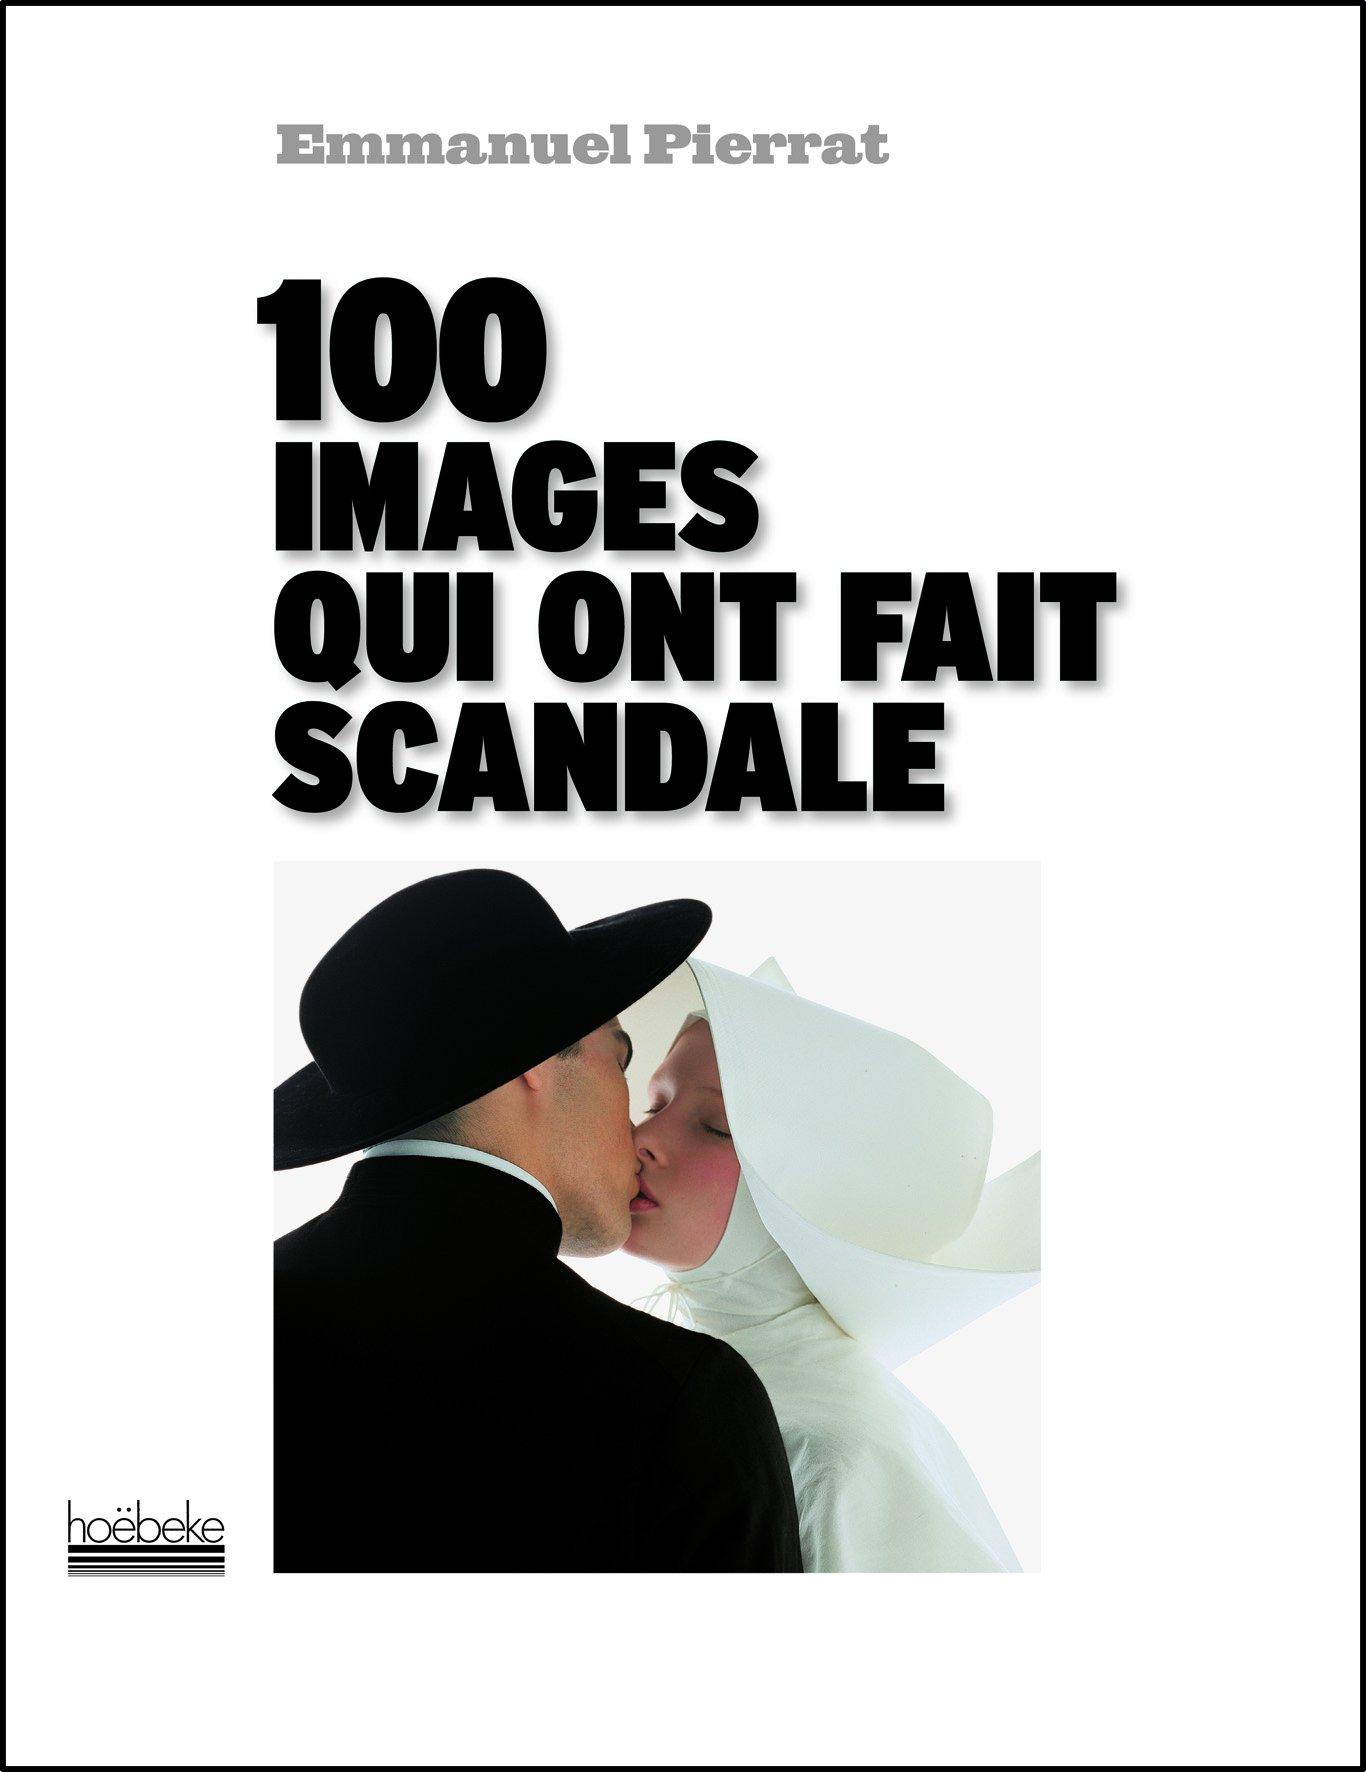 100 images qui ont fait scandale por Emmanuel Pierrat